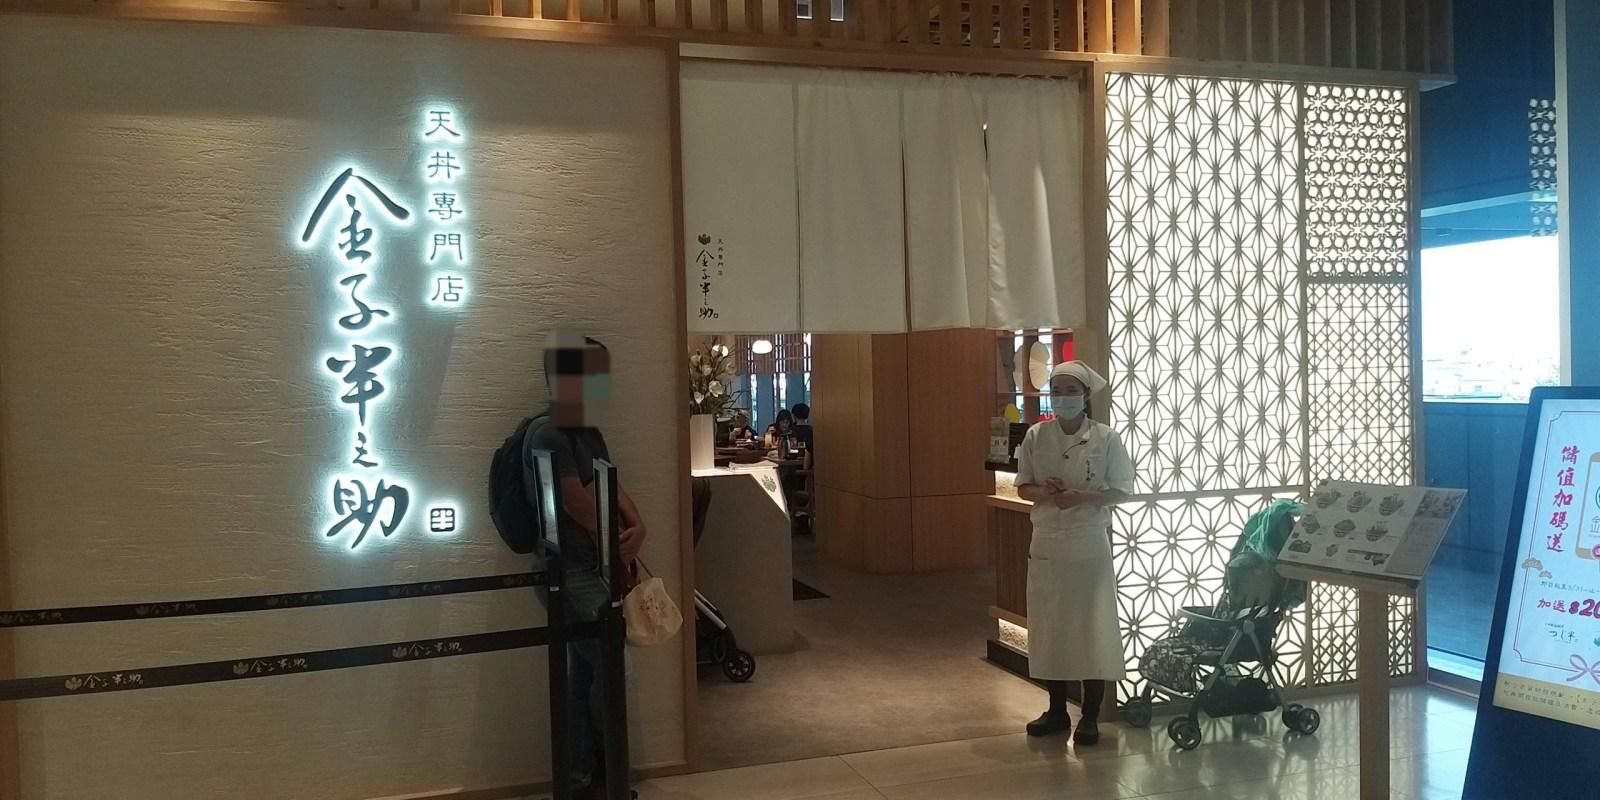 台南 東區 南紡購物中心 金子半之助|日本第一職人天丼|傳承三百年江戶時期秘傳醬汁